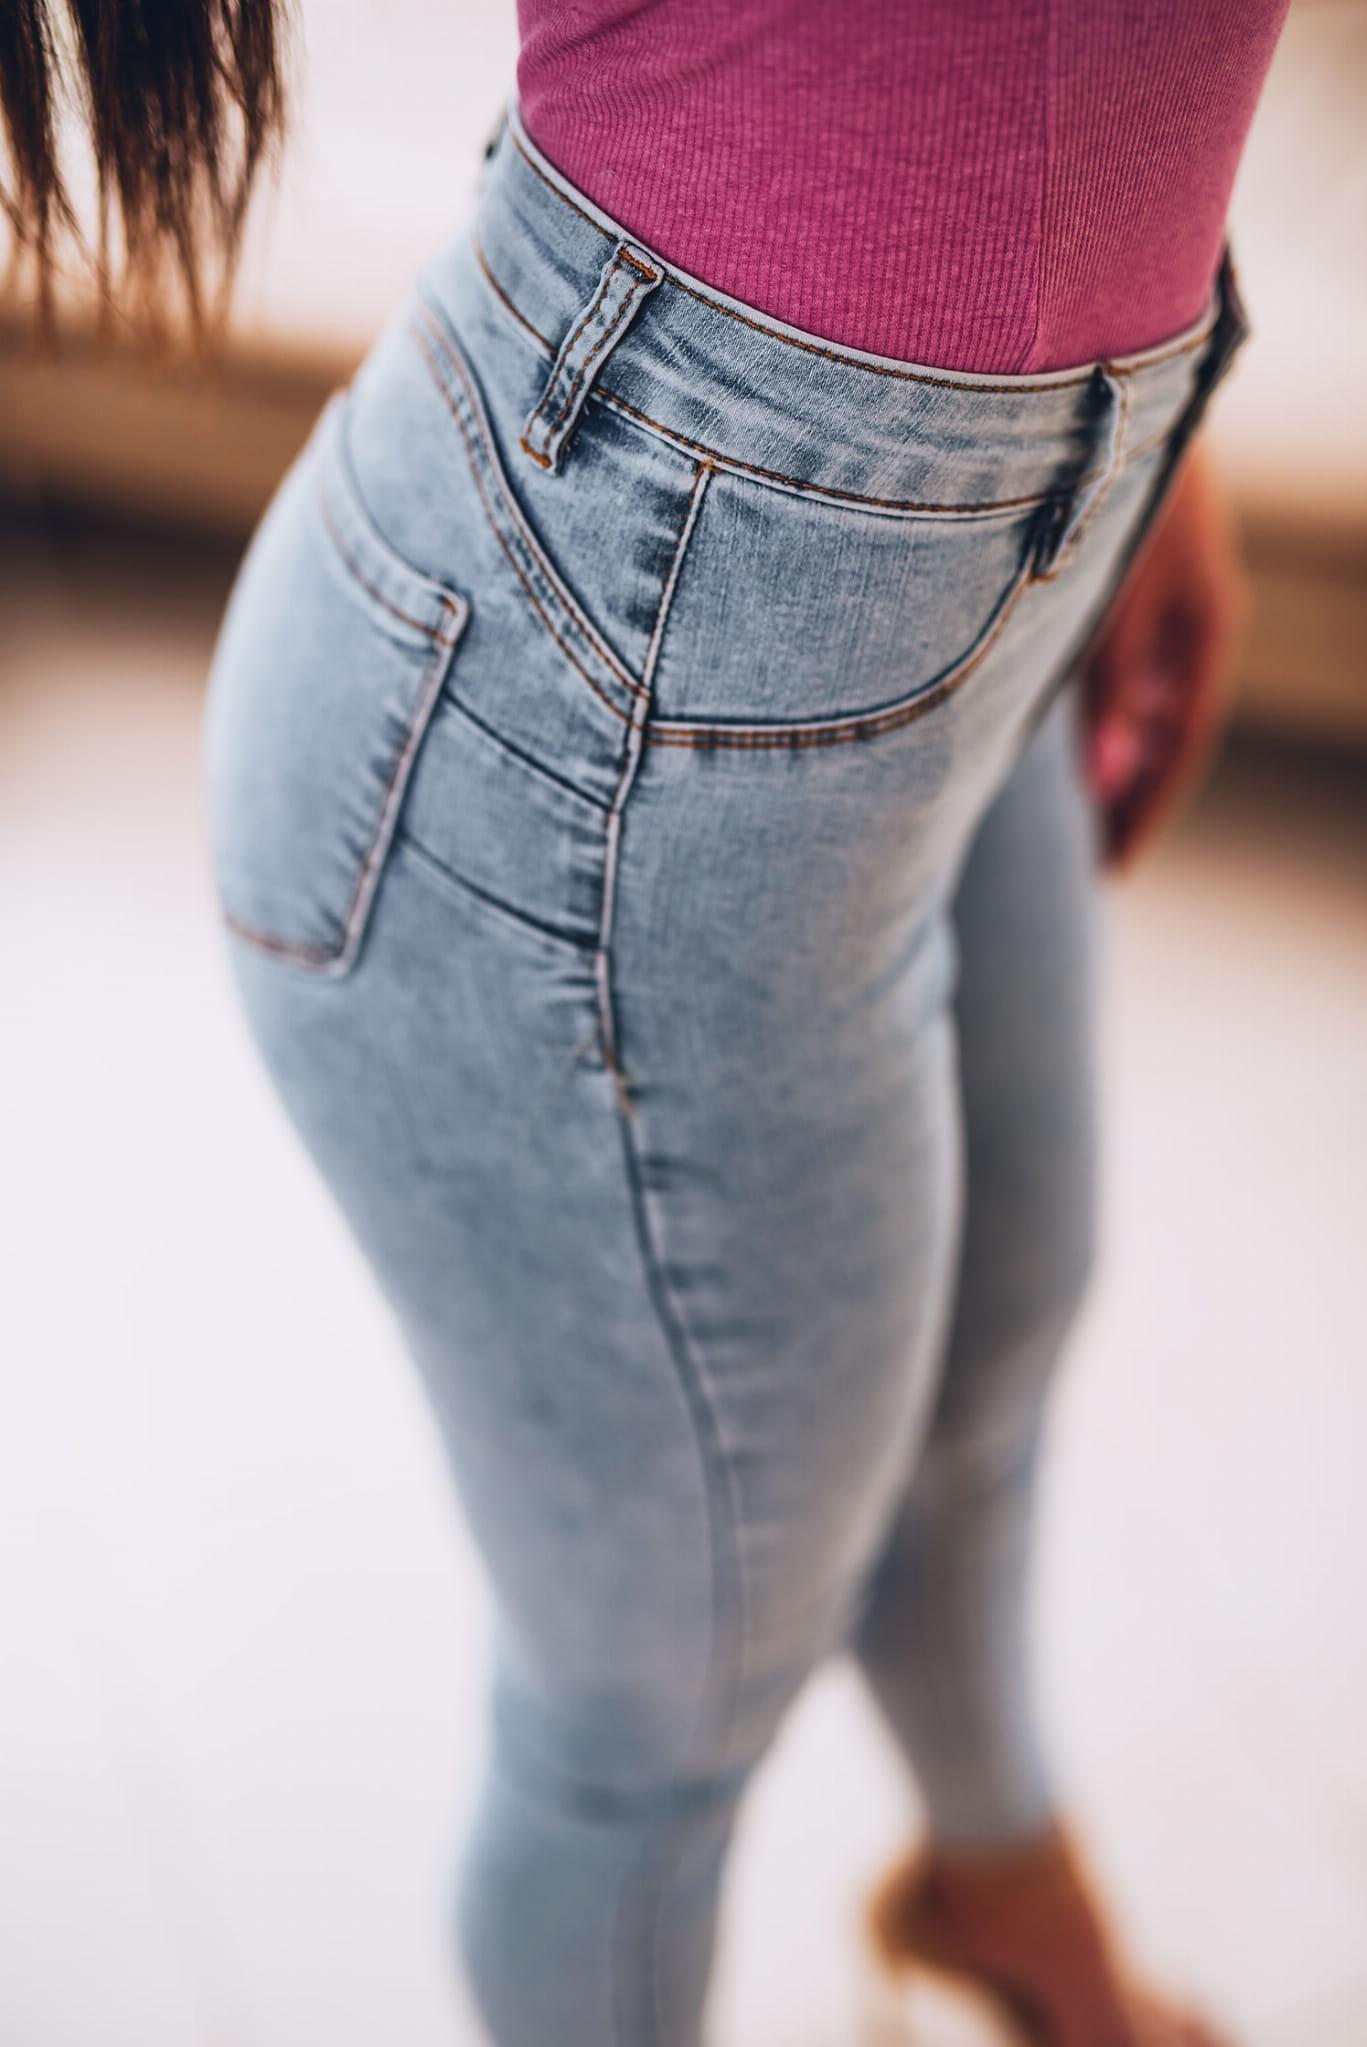 Z257 Elastyczne gładkie spodnie dżins z przeszyciem push up rozmiar xs s m l xl